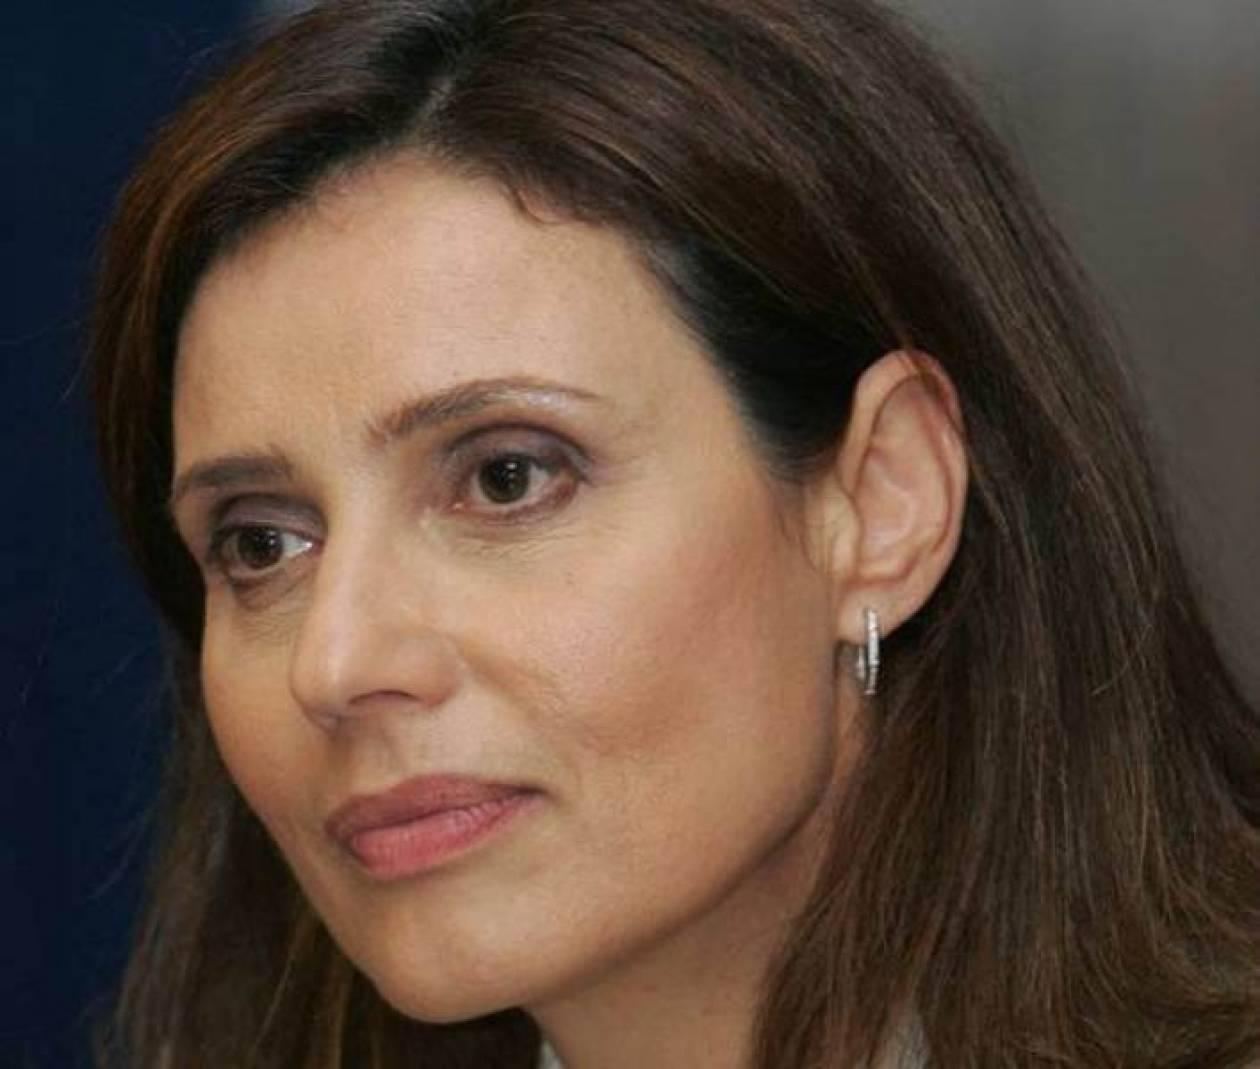 Μπατζελή: Τίθεται θέμα ηγεσίας στο ΠΑΣΟΚ